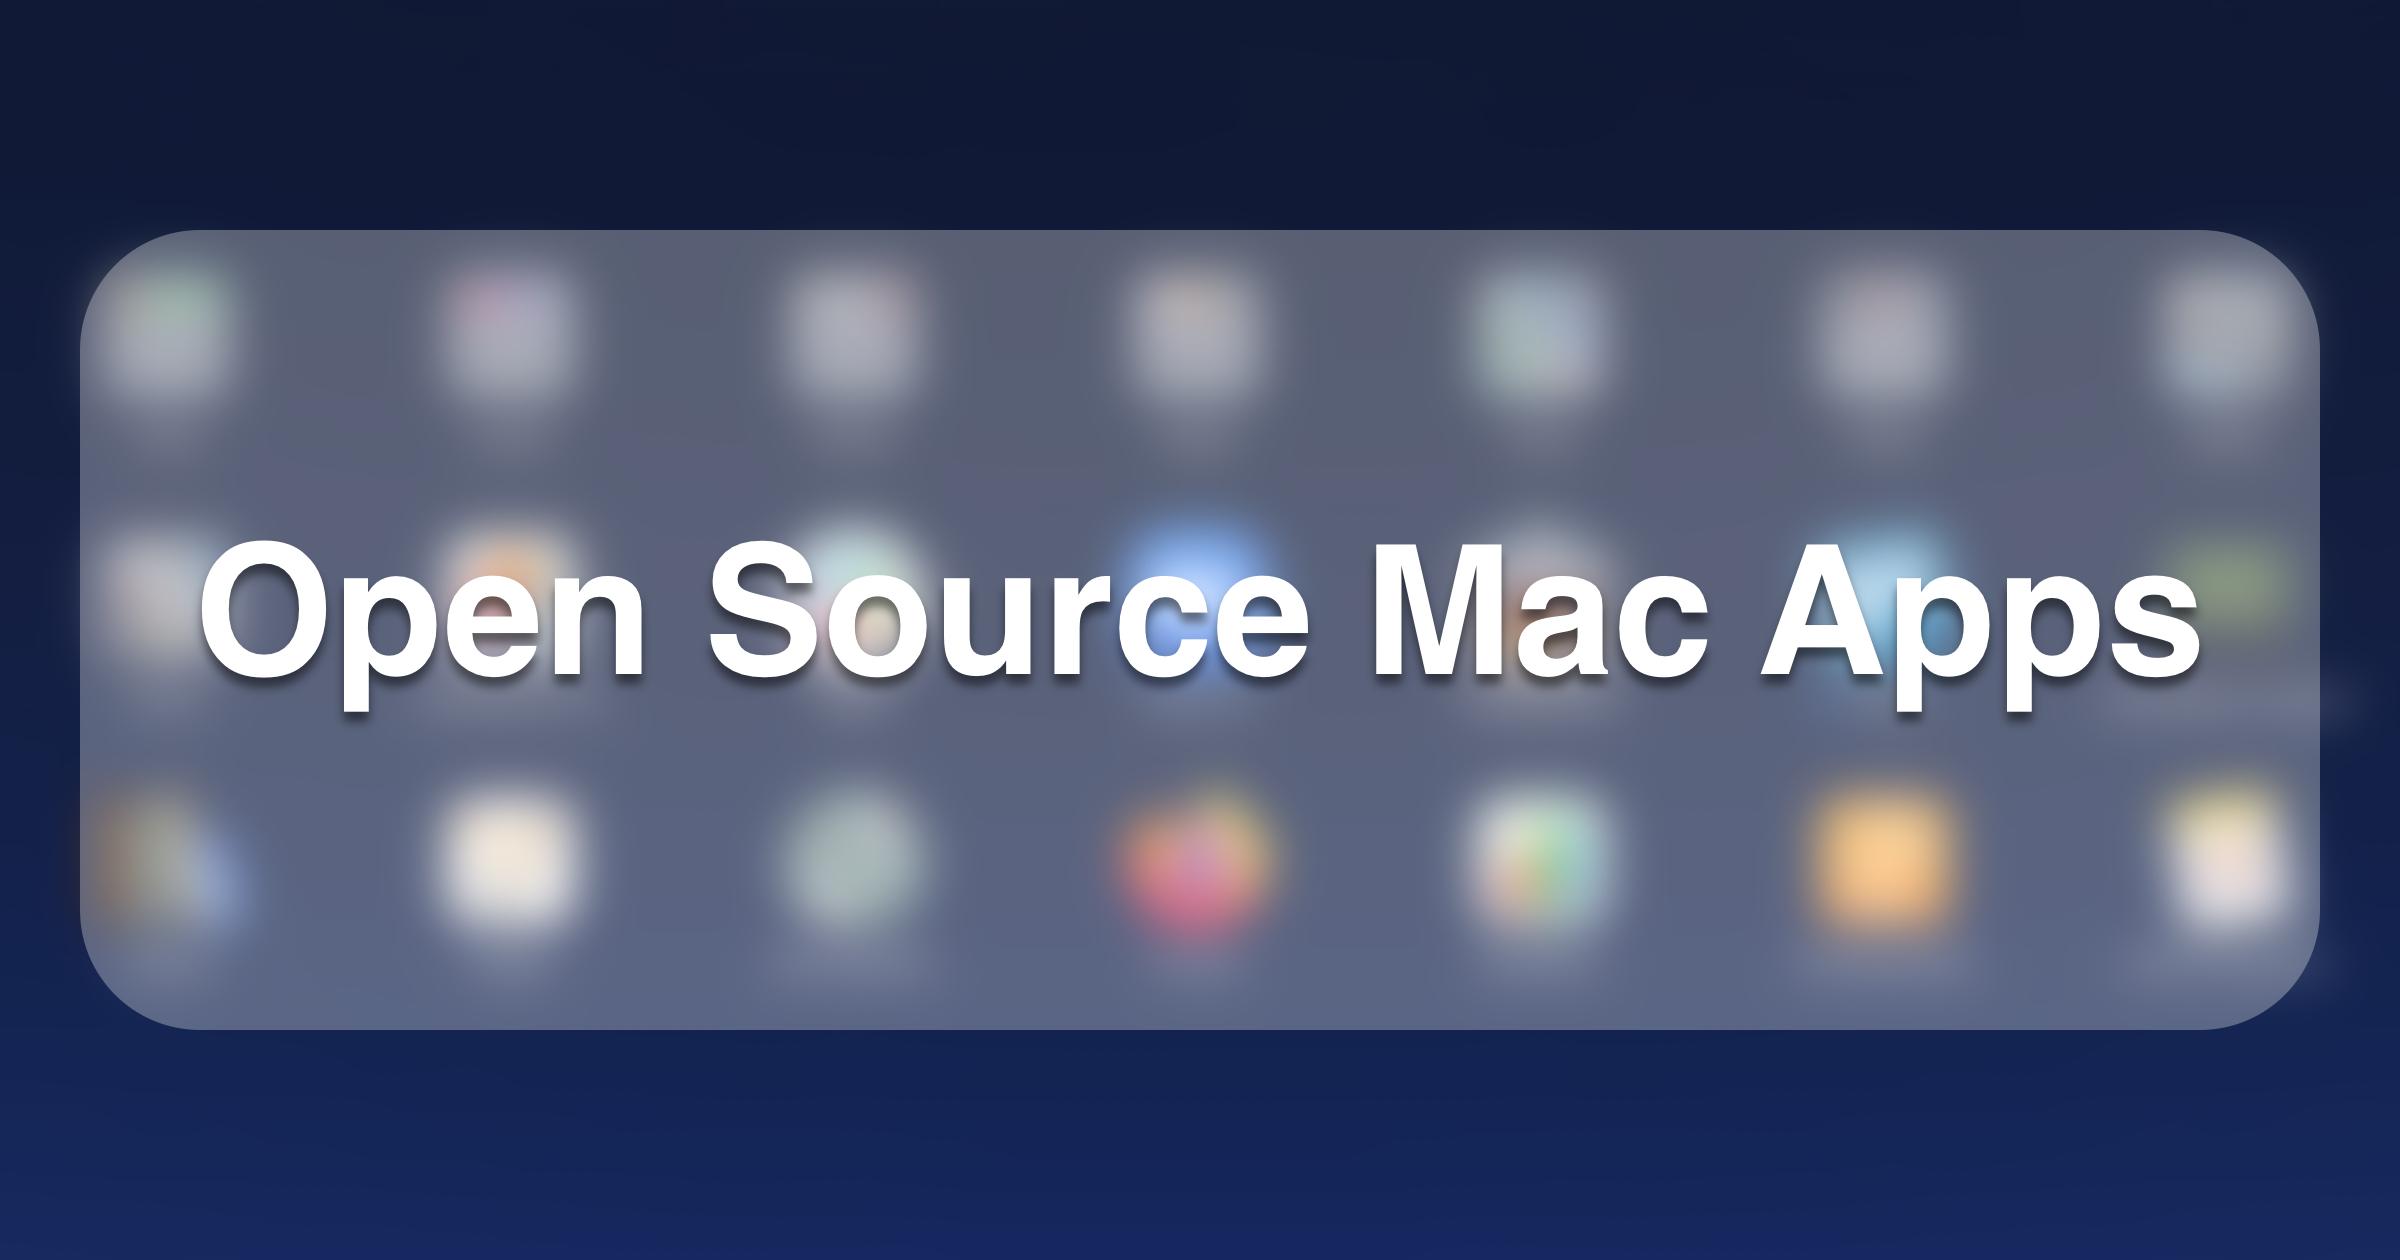 open source mac apps